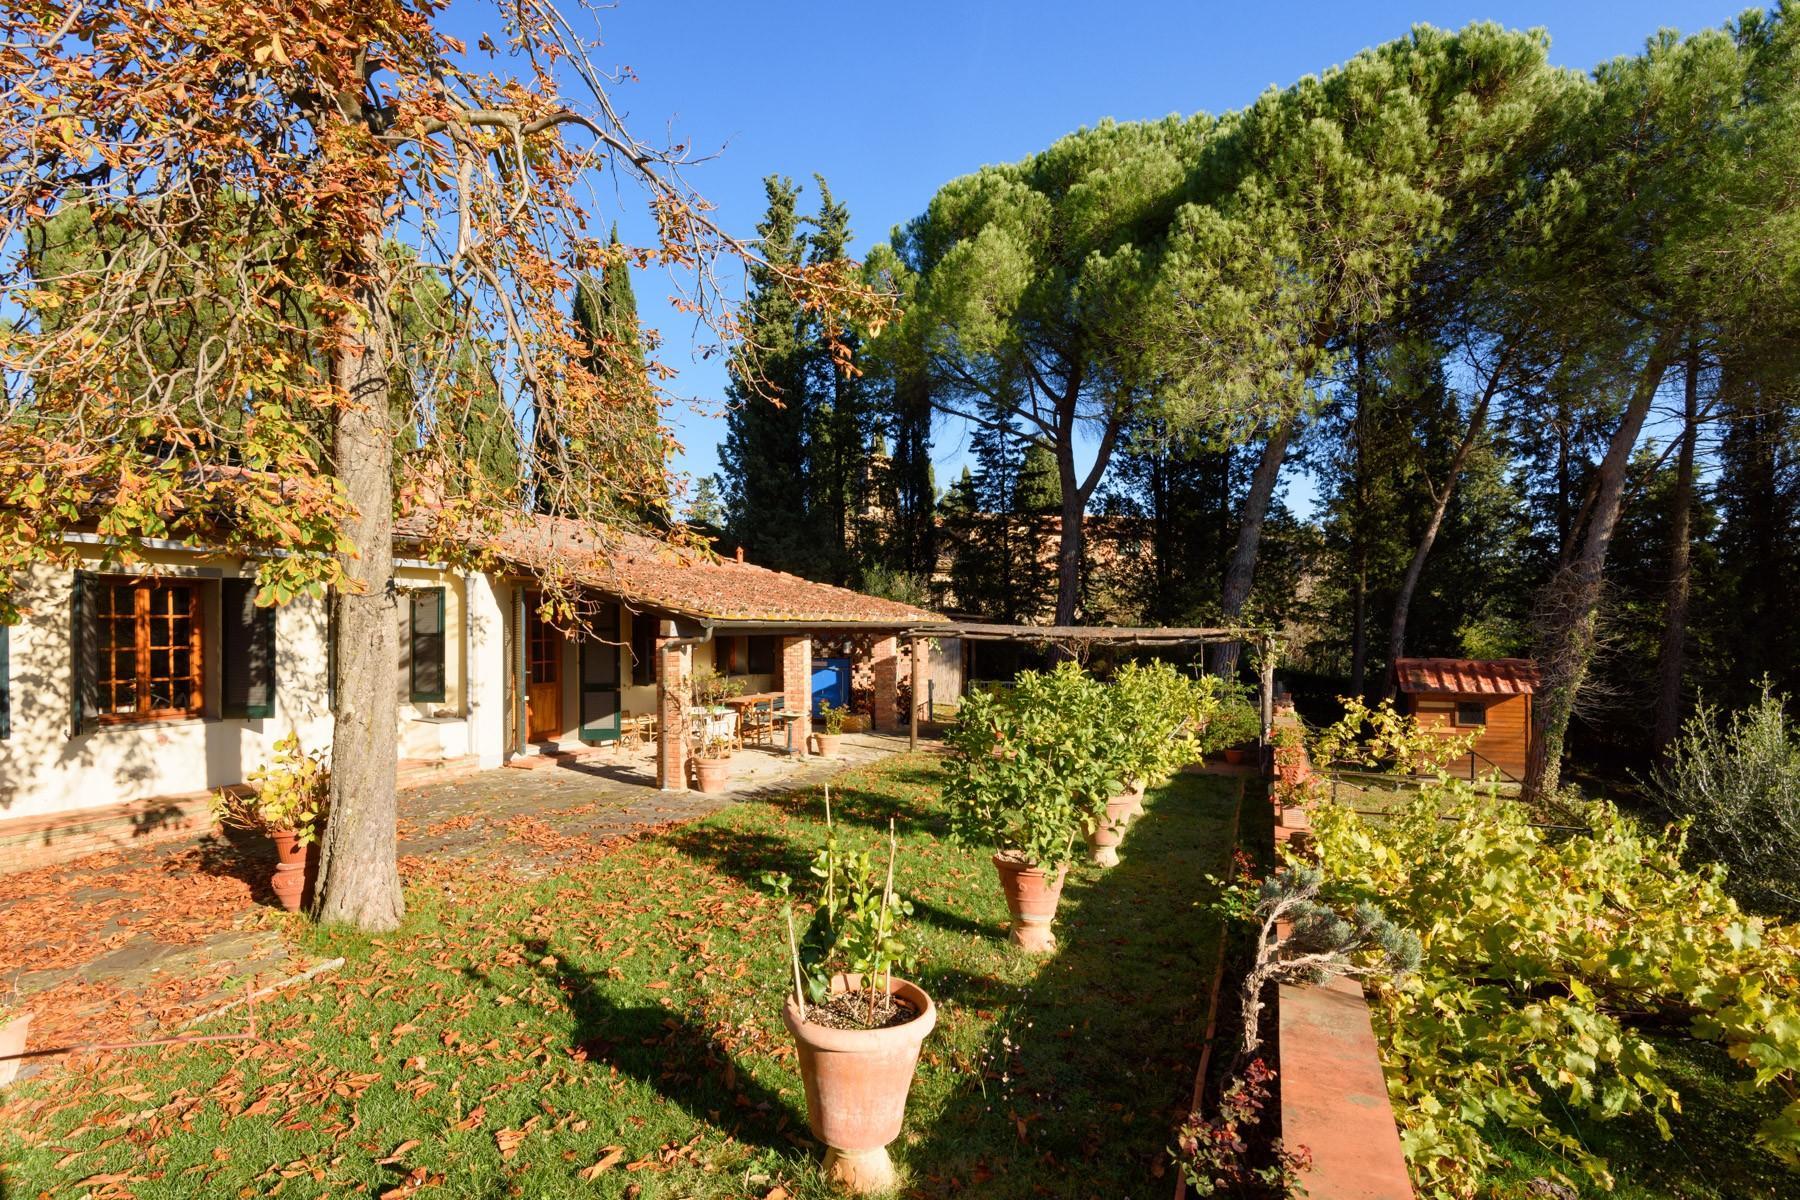 Meravigliosa villa nelle campagne del chianti fiorentino - 1